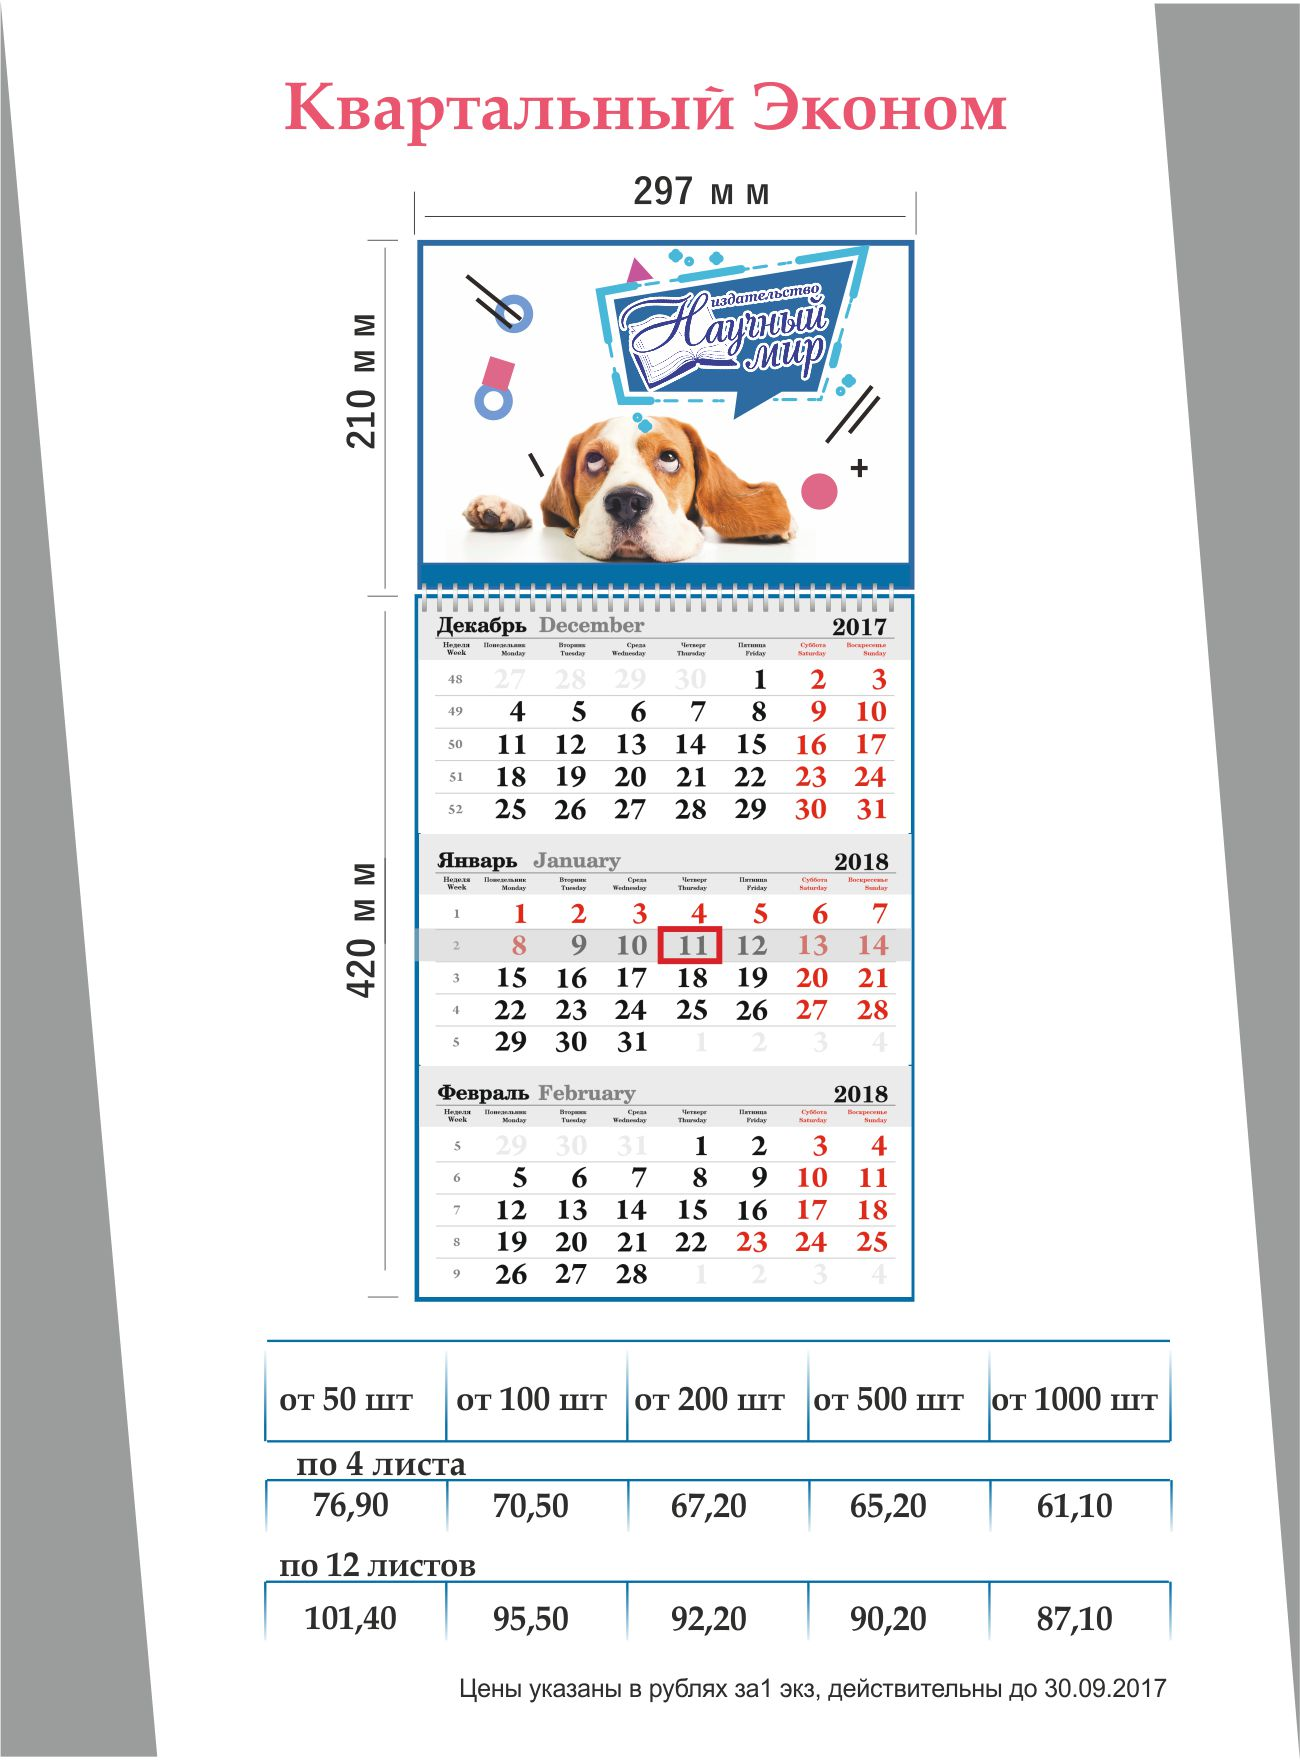 Календарь квартальный эконом НМ_2